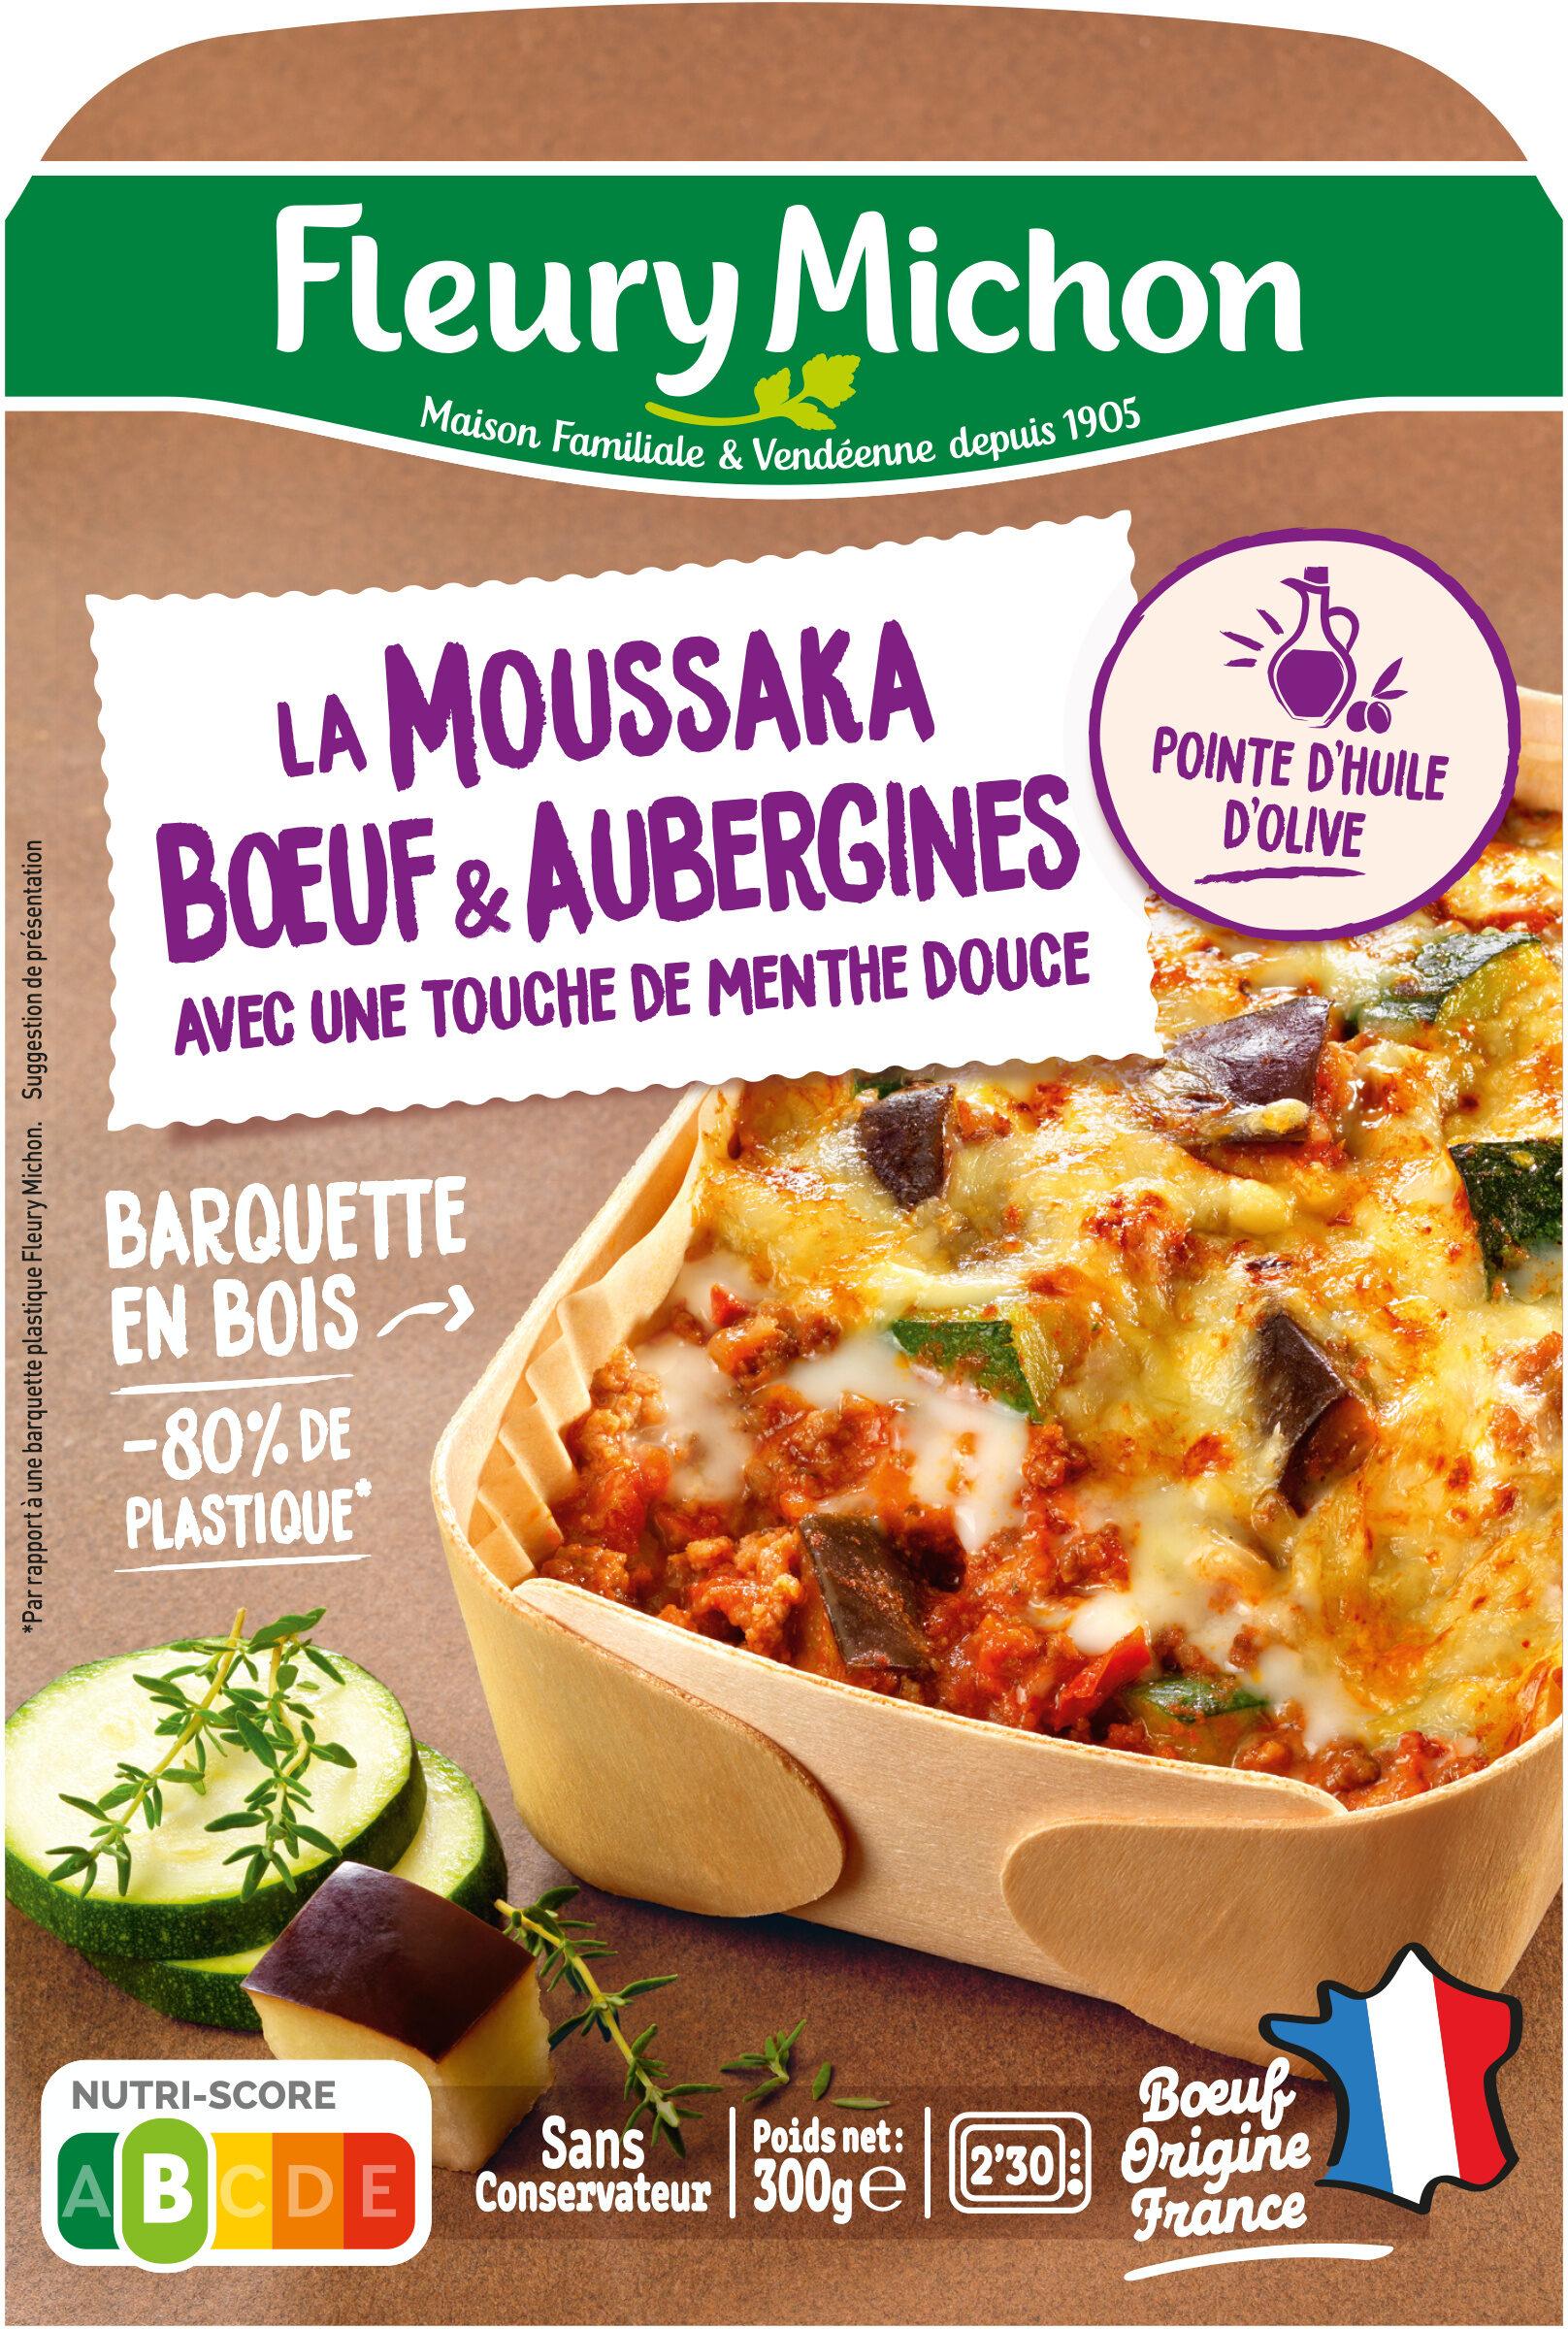 La Moussaka Boeuf & Aubergines avec une touche de menthe douce - Produit - fr